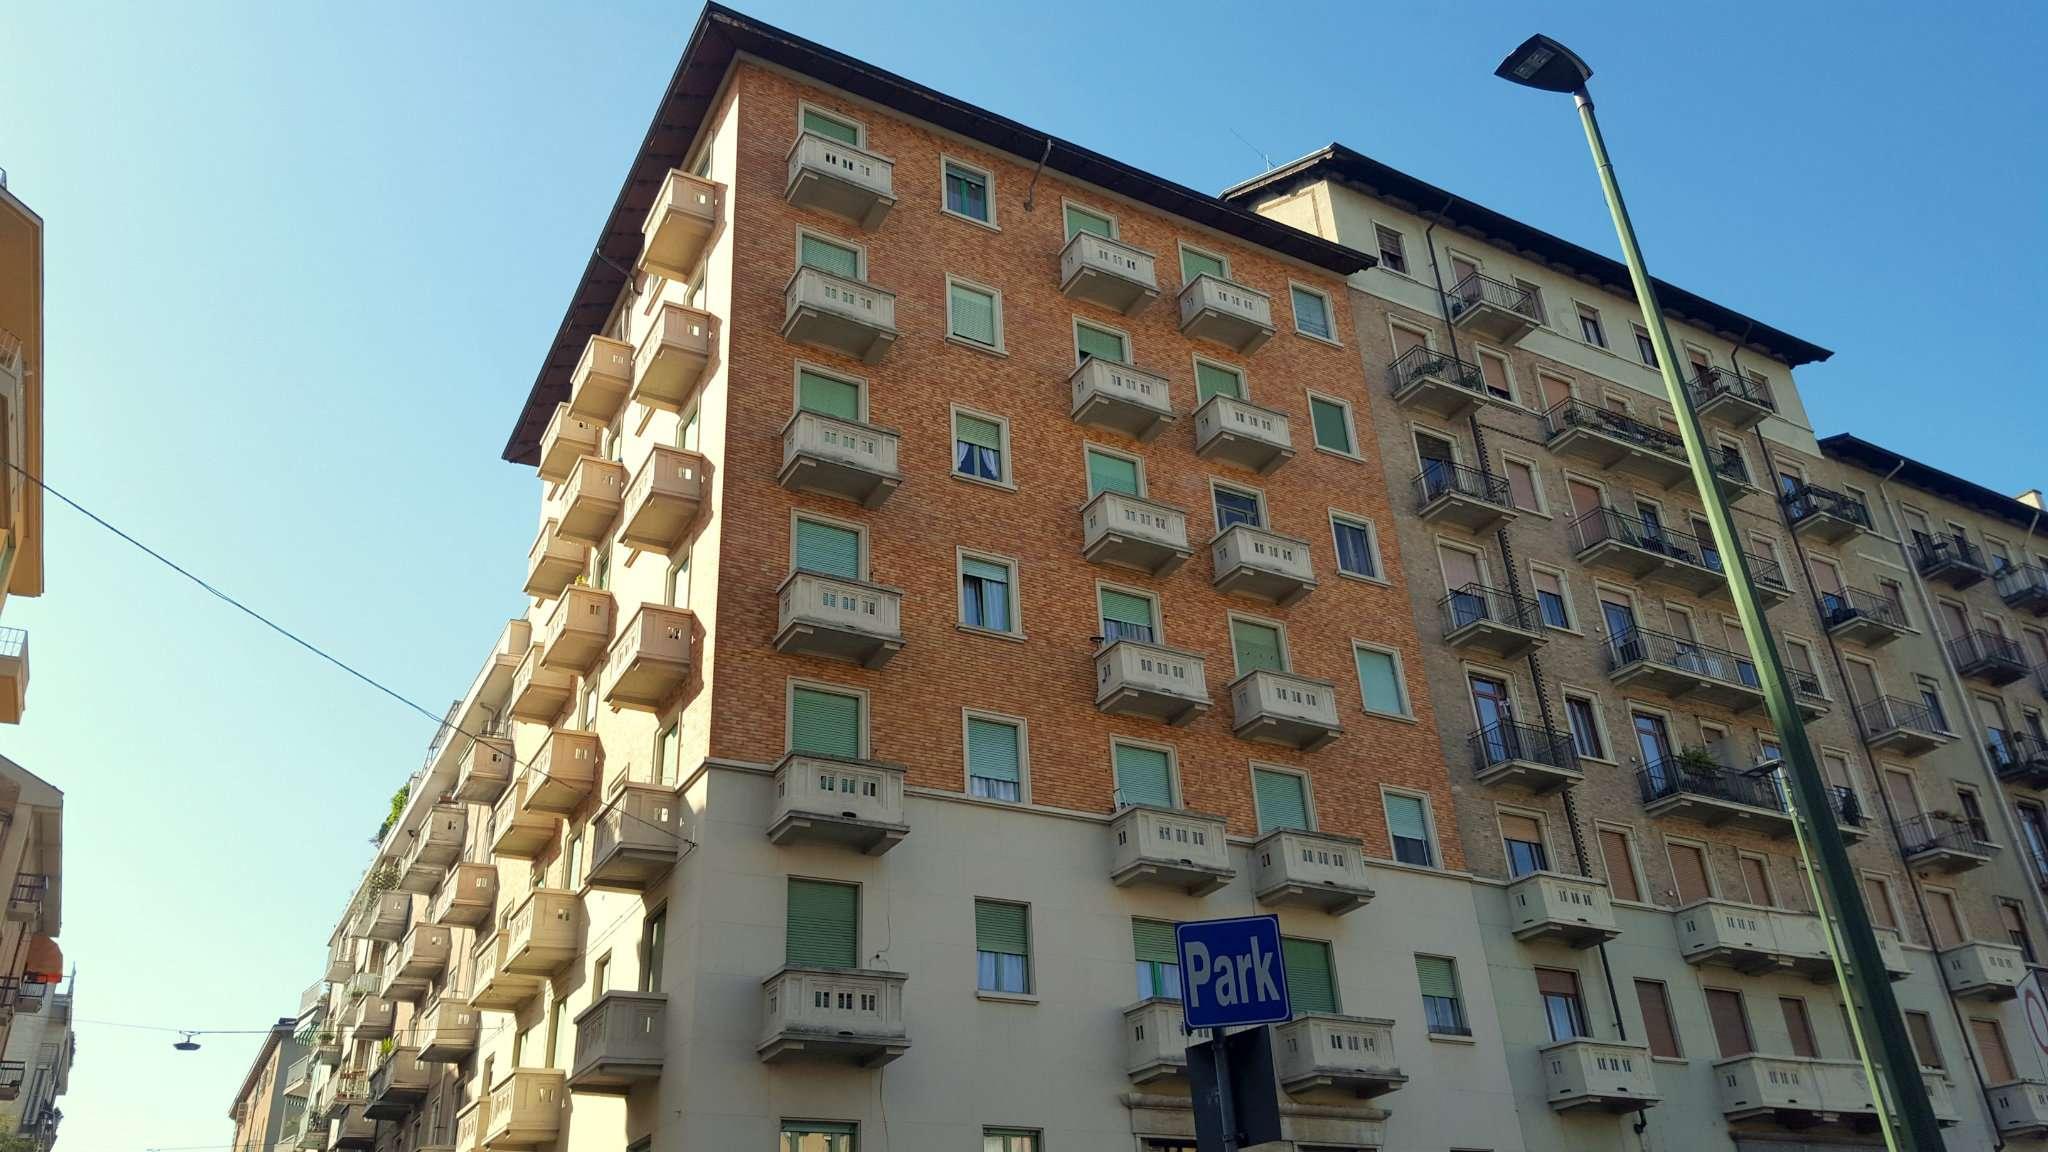 Appartamento in vendita Zona Cit Turin, San Donato, Campidoglio - via Pier Dionigi Pinelli 39 Torino